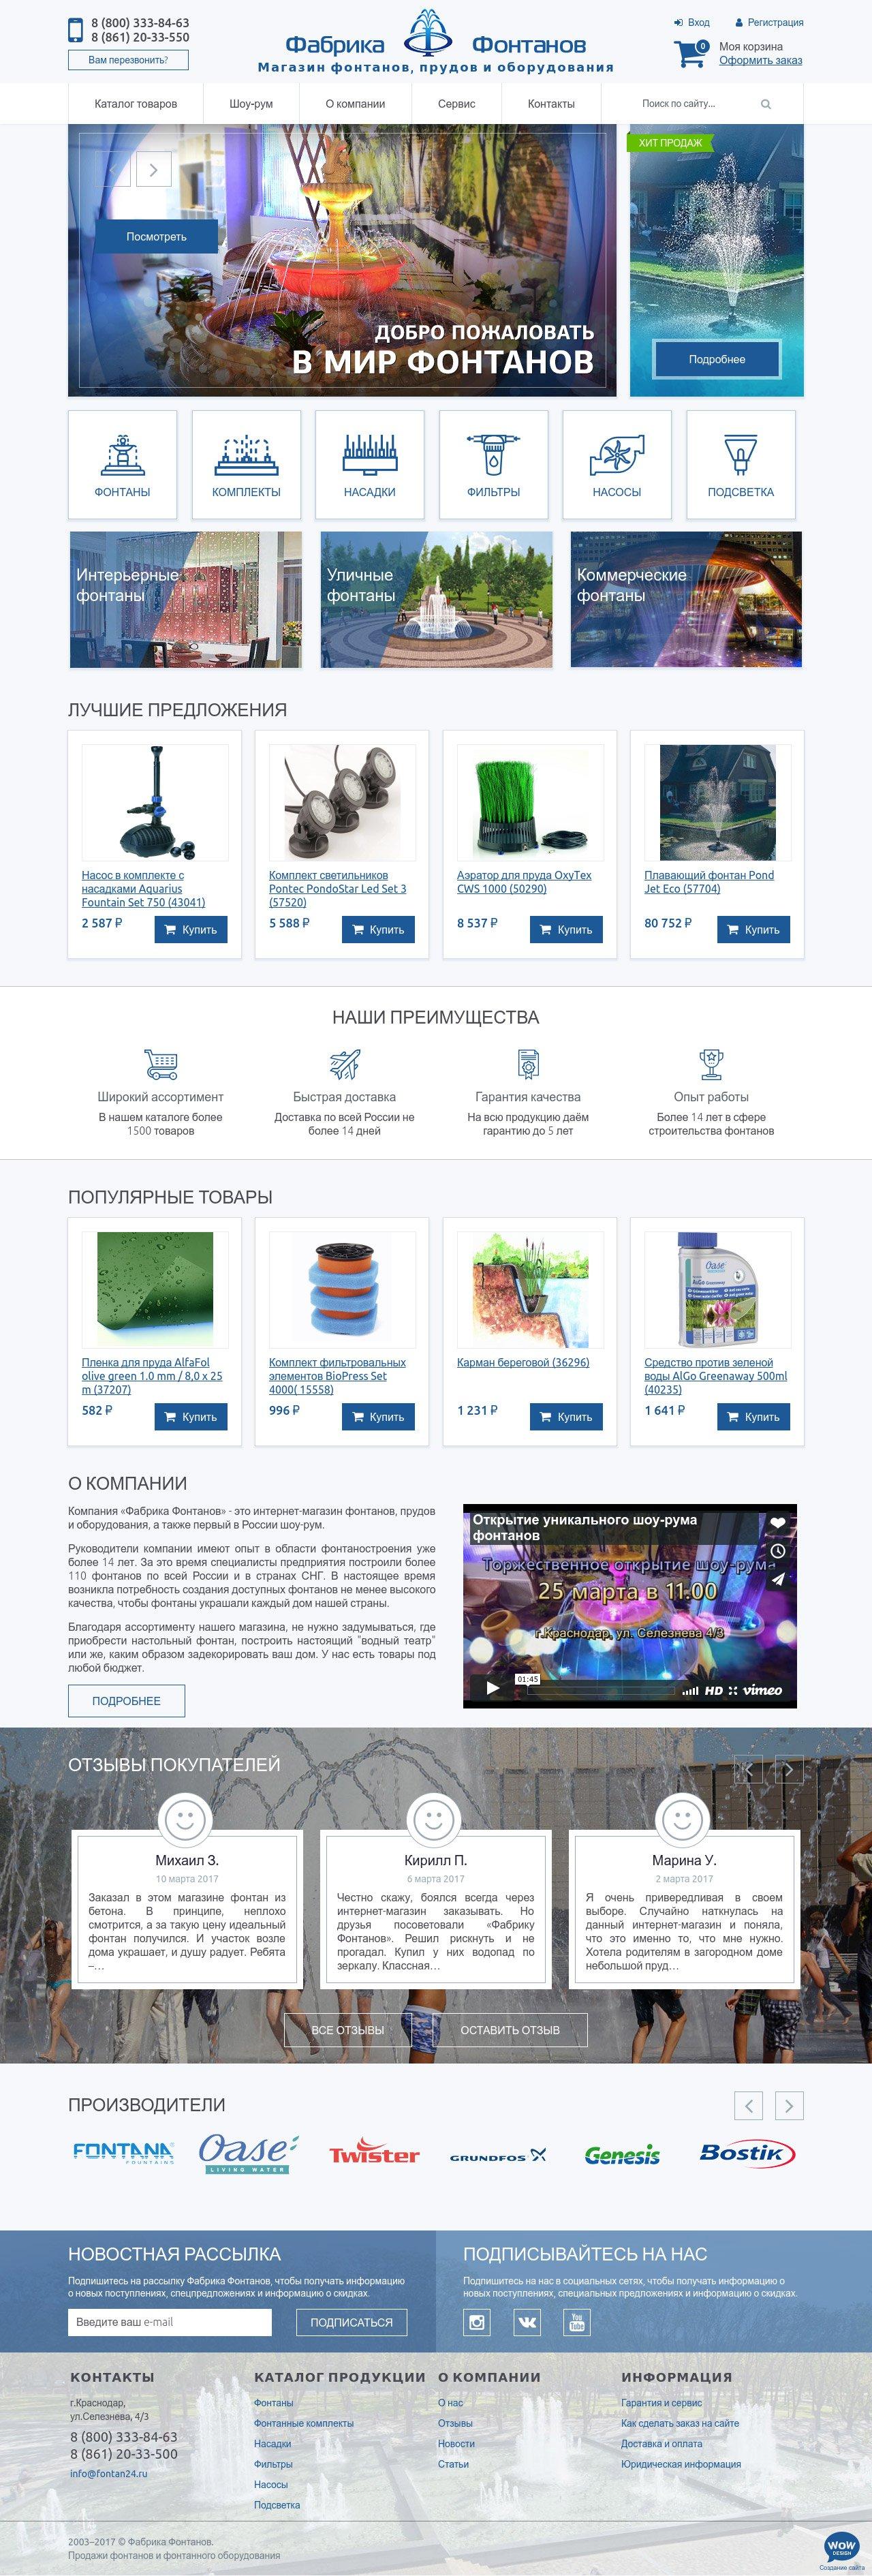 Дизайн, создание продвижение оптимизация сайтов под ключ ode/20 настройка postfix opendkim